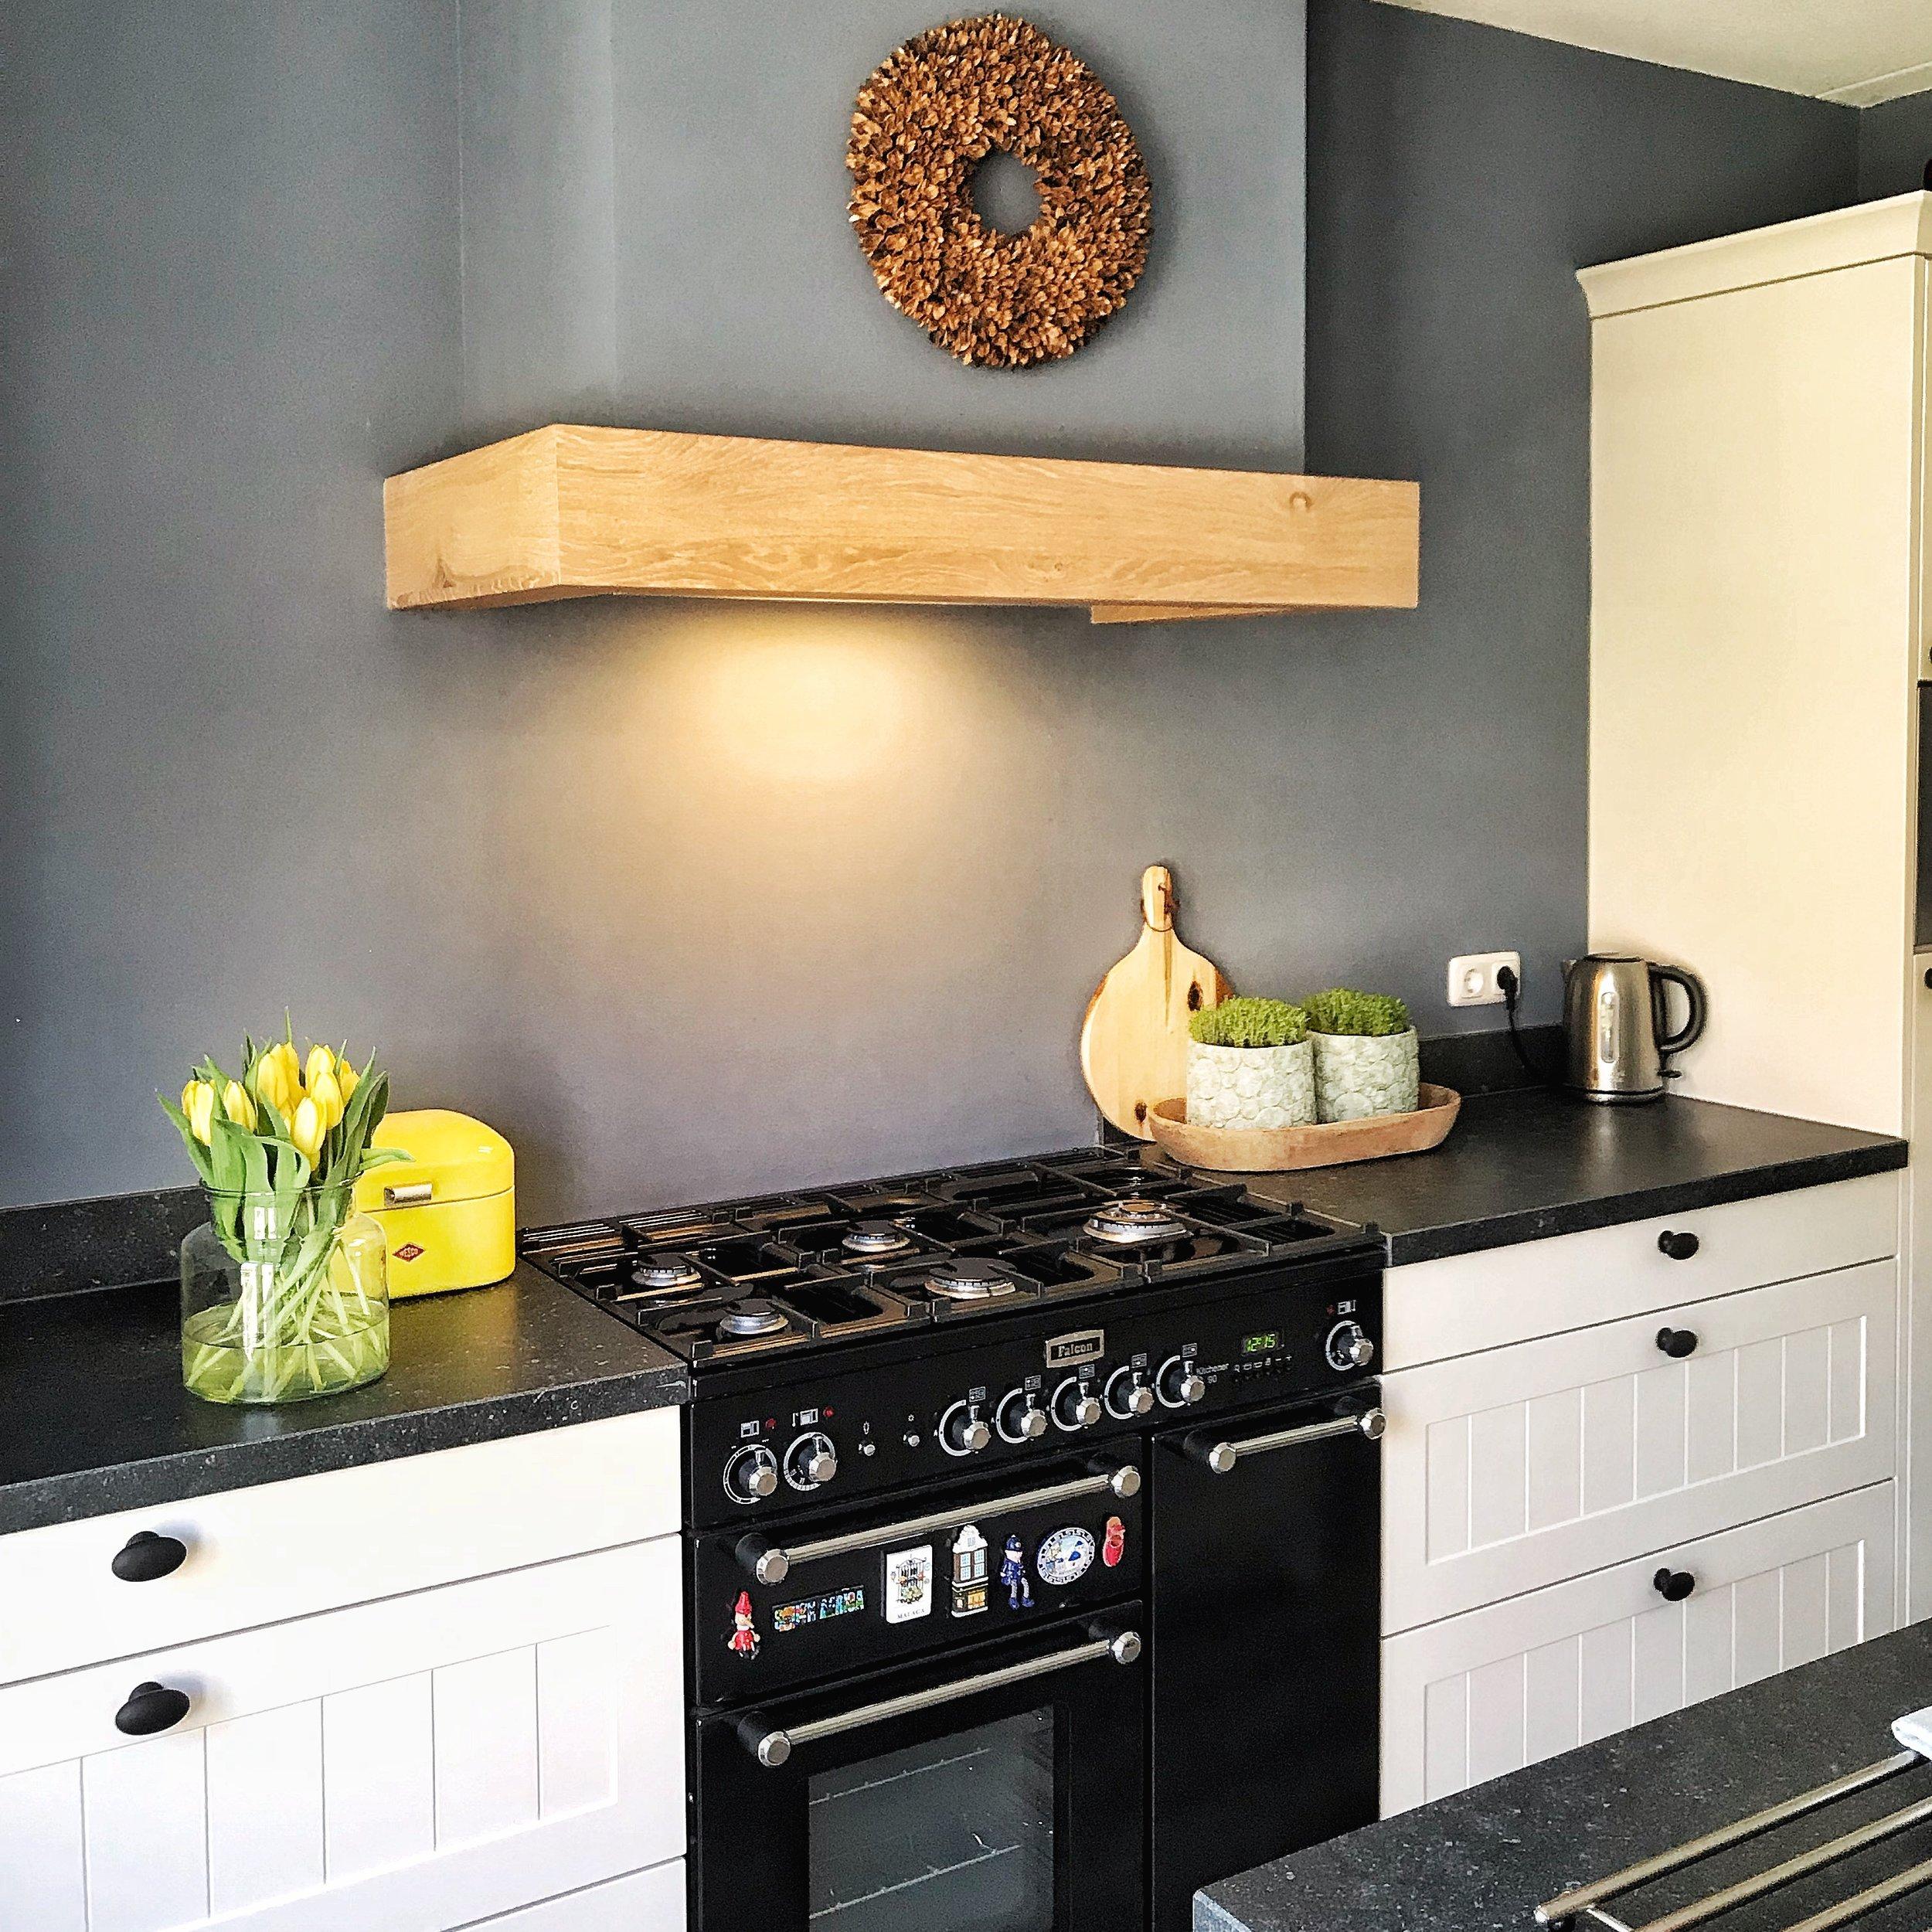 De blauwe muur in de woonkamer door trekken naar de keuken om meer een geheel en sfeer te creëren.